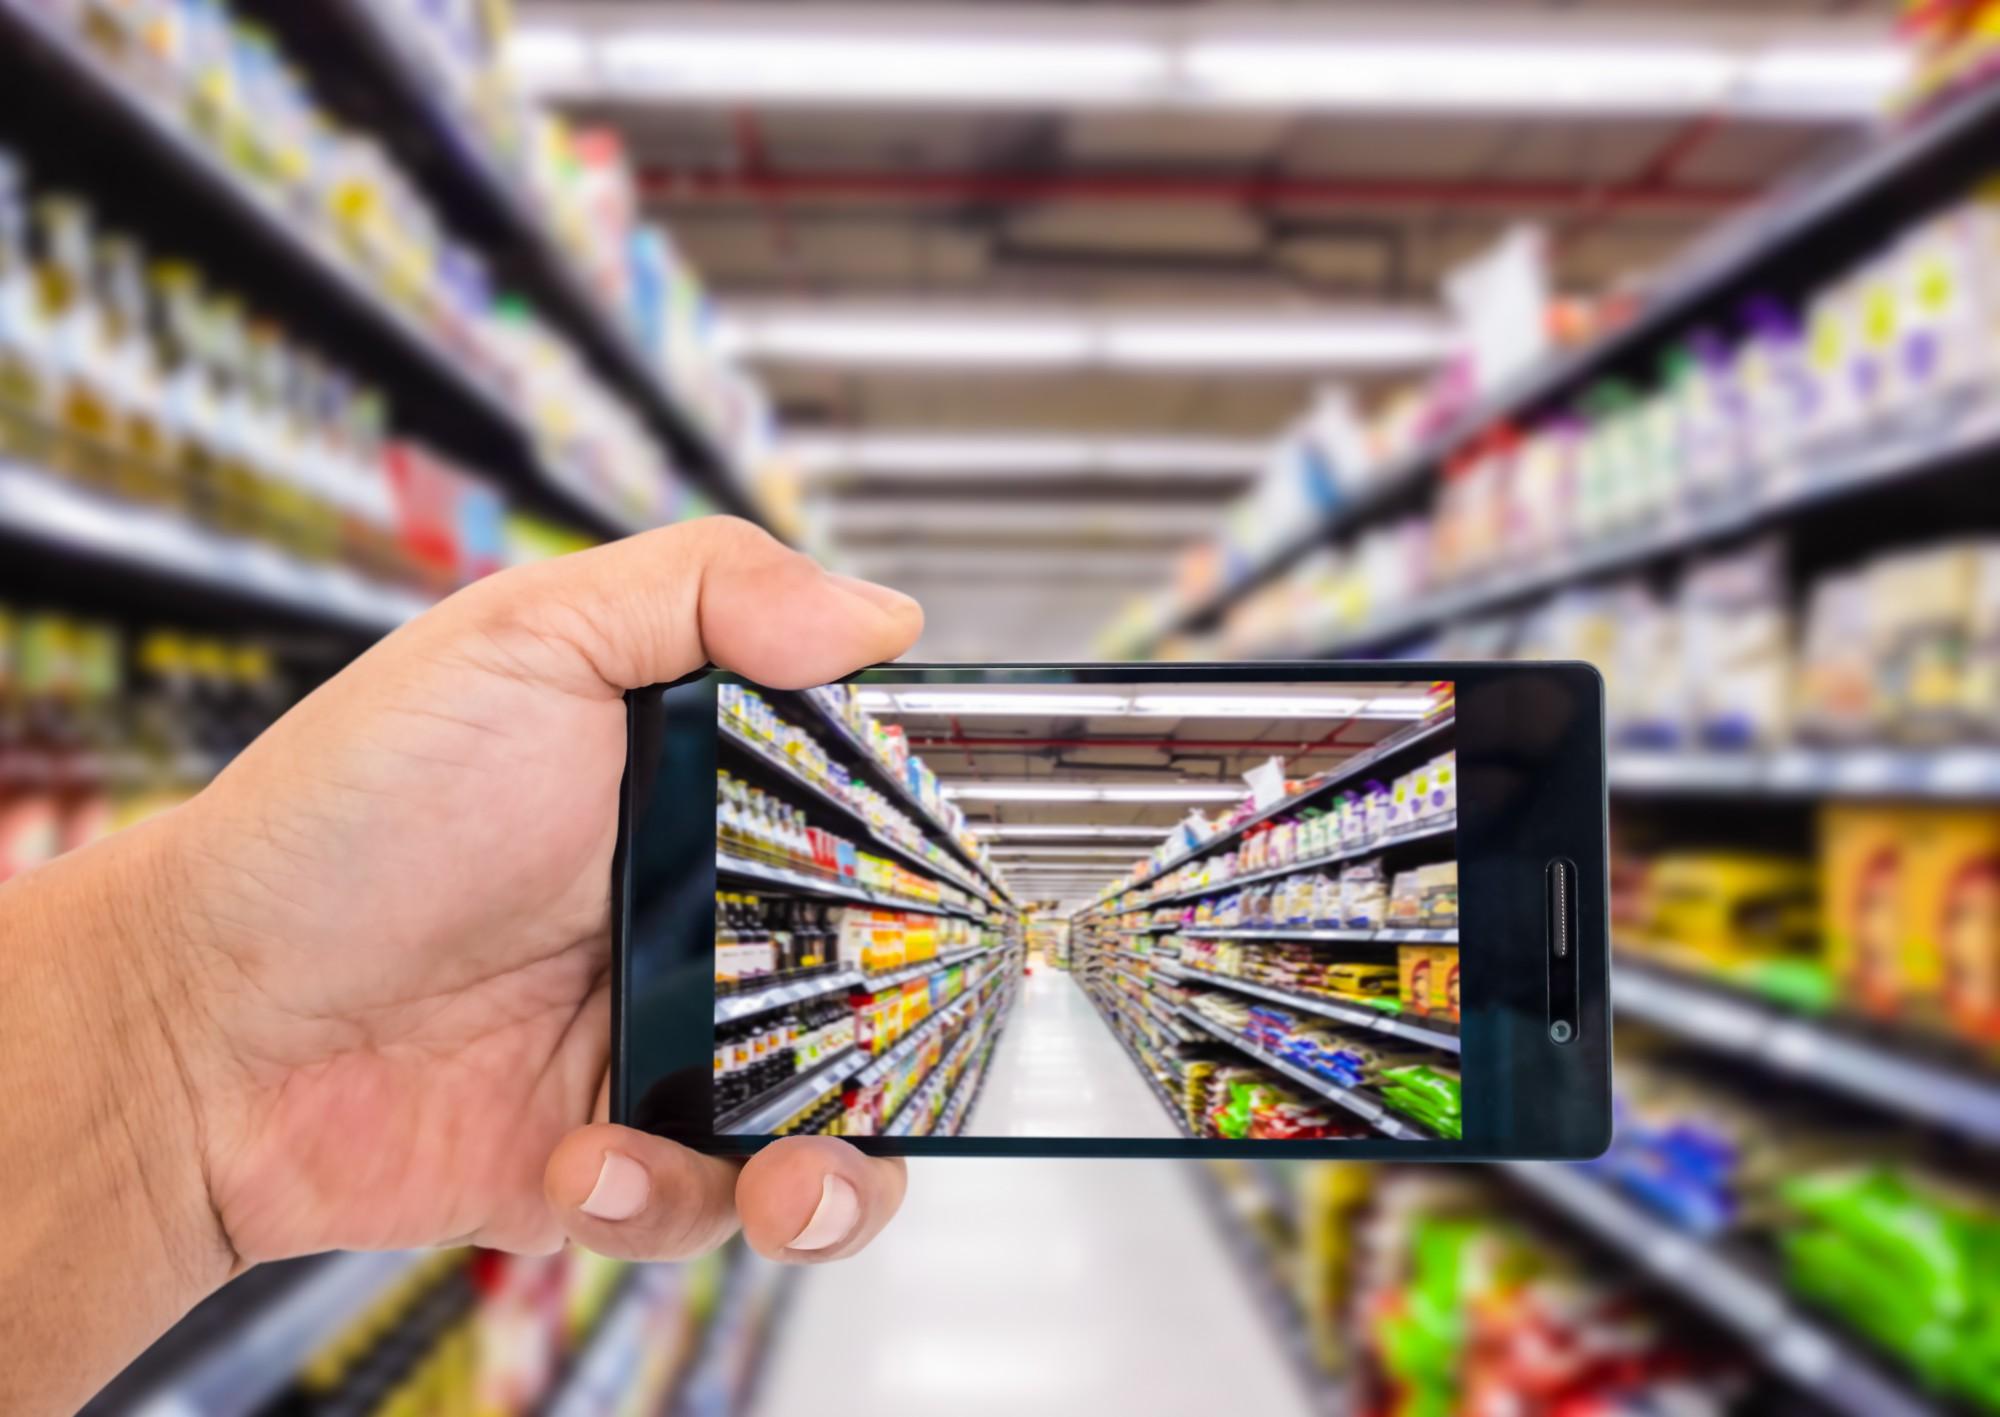 Supermercados phygital: a próxima onda do varejo